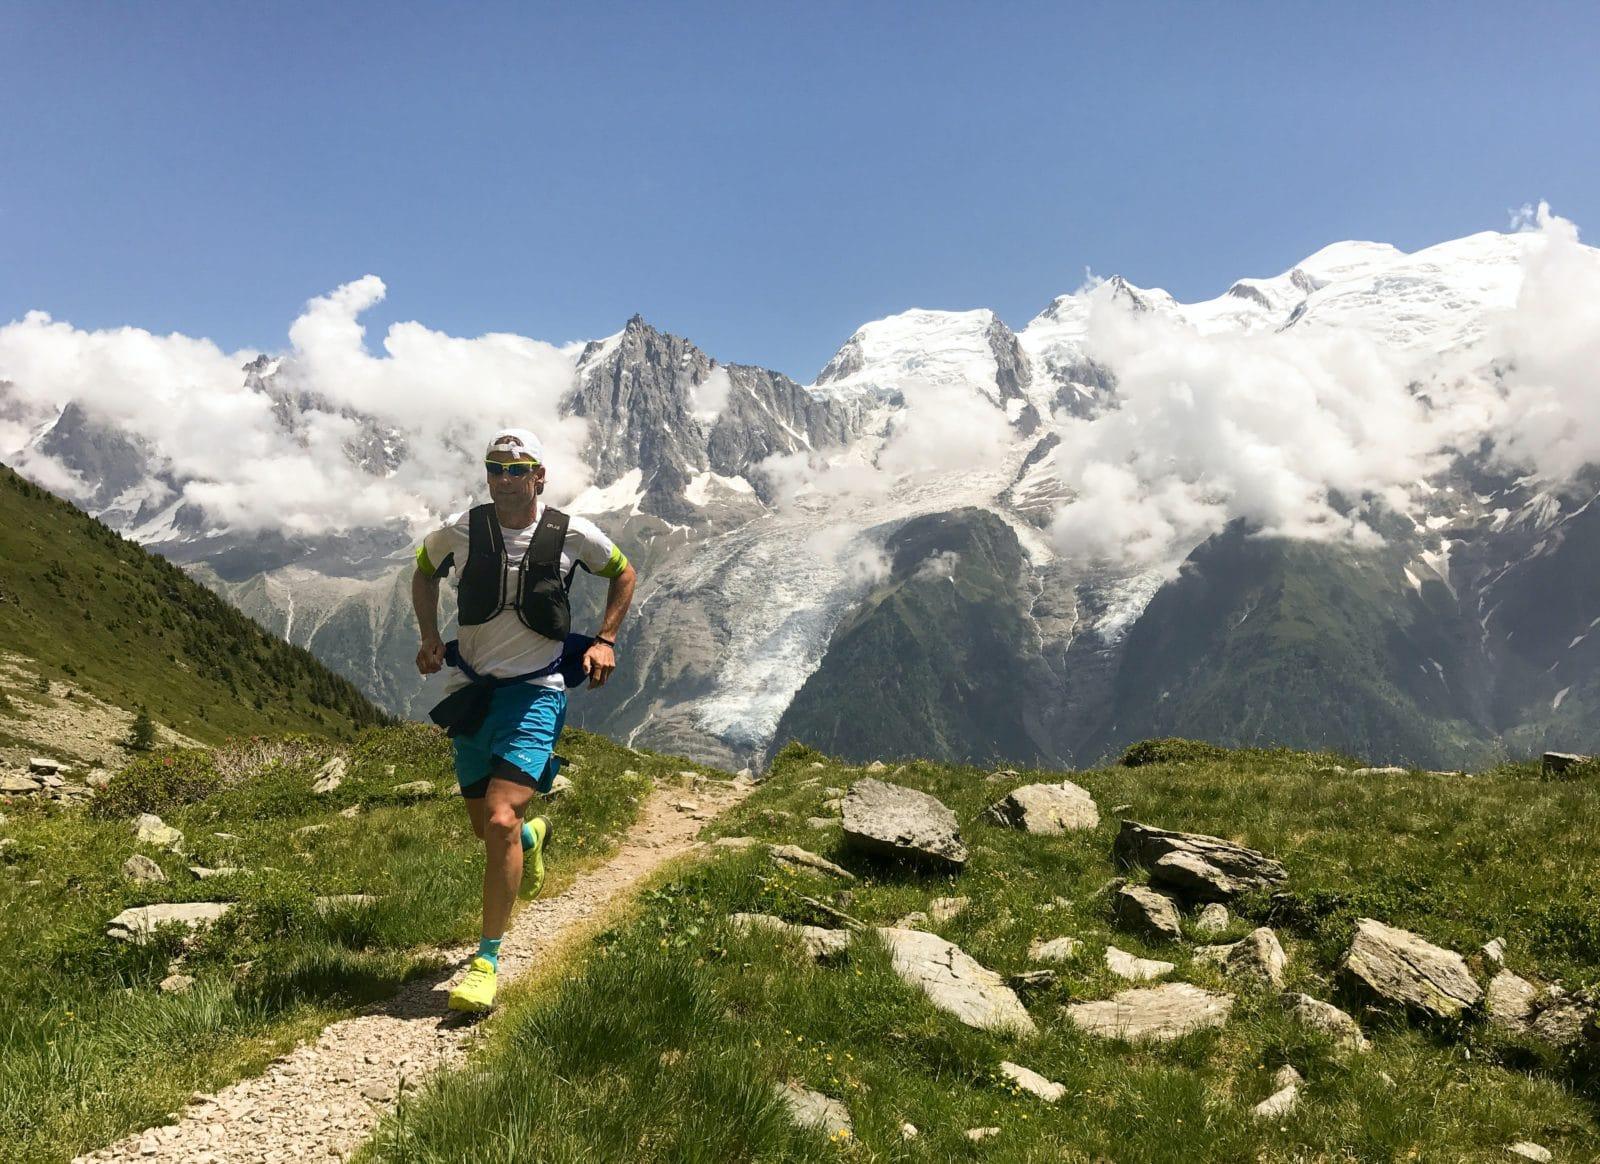 coureur en montagne